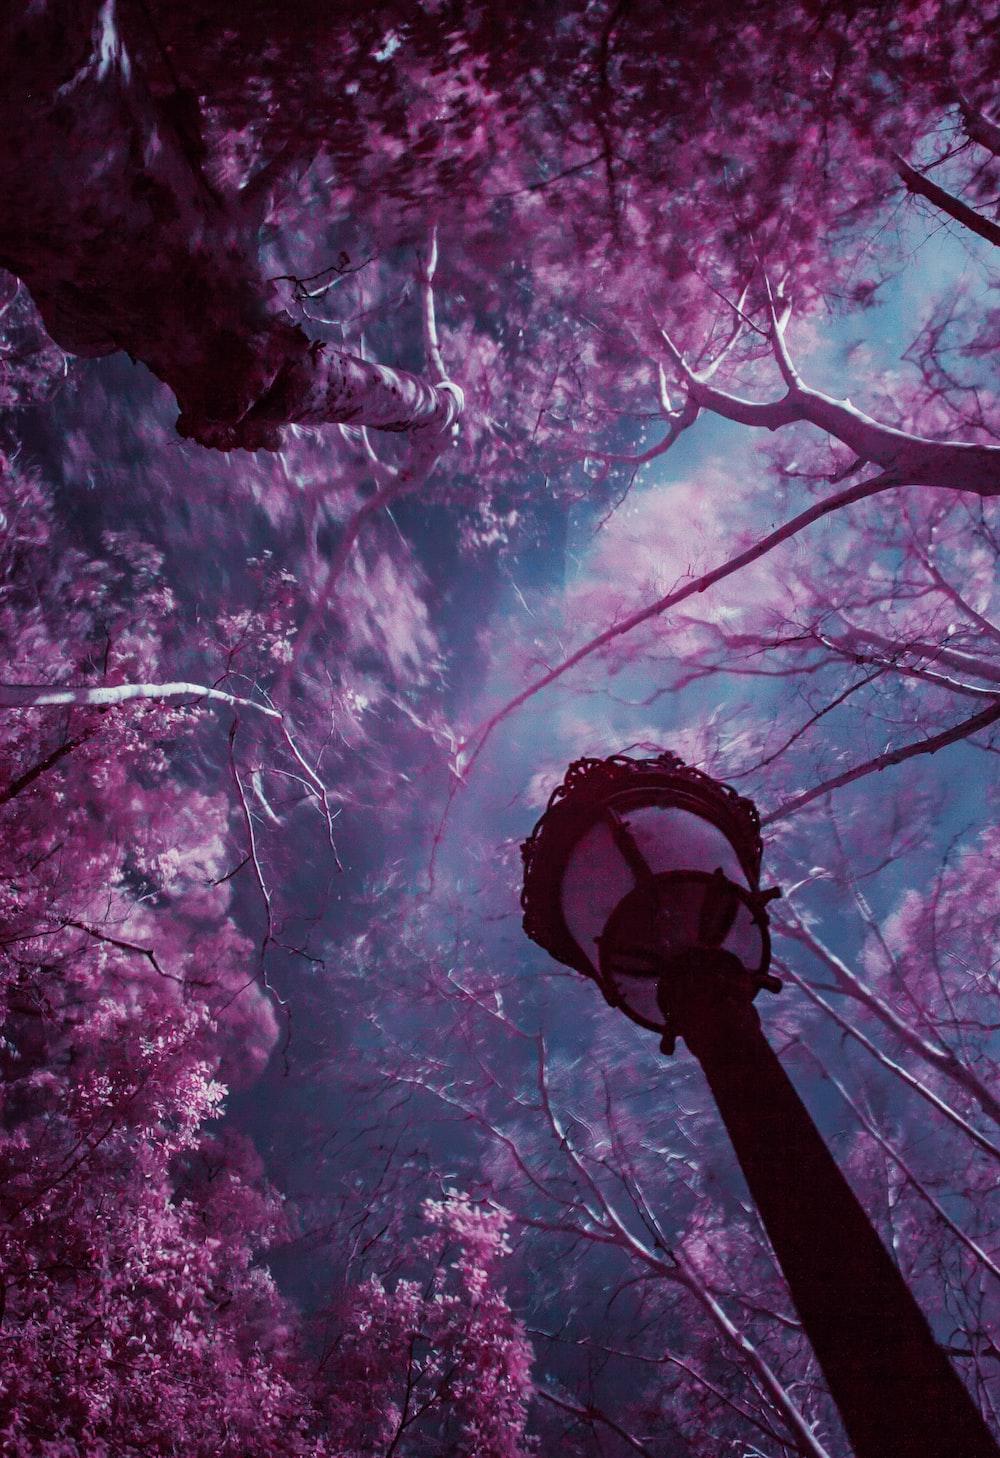 purple leafed trees under blue sky